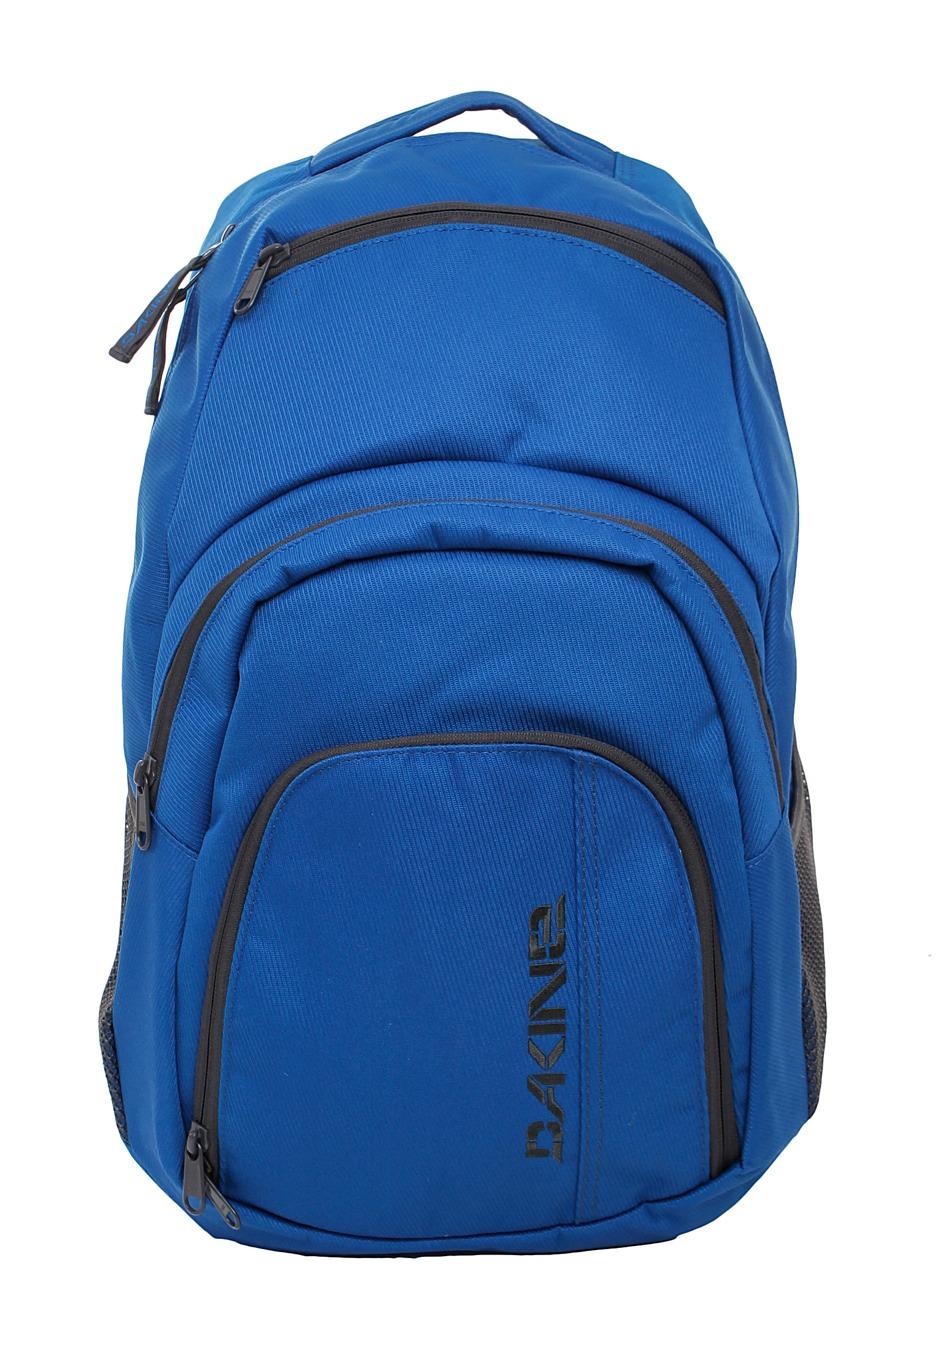 dakine campus blue backpack worldwide. Black Bedroom Furniture Sets. Home Design Ideas